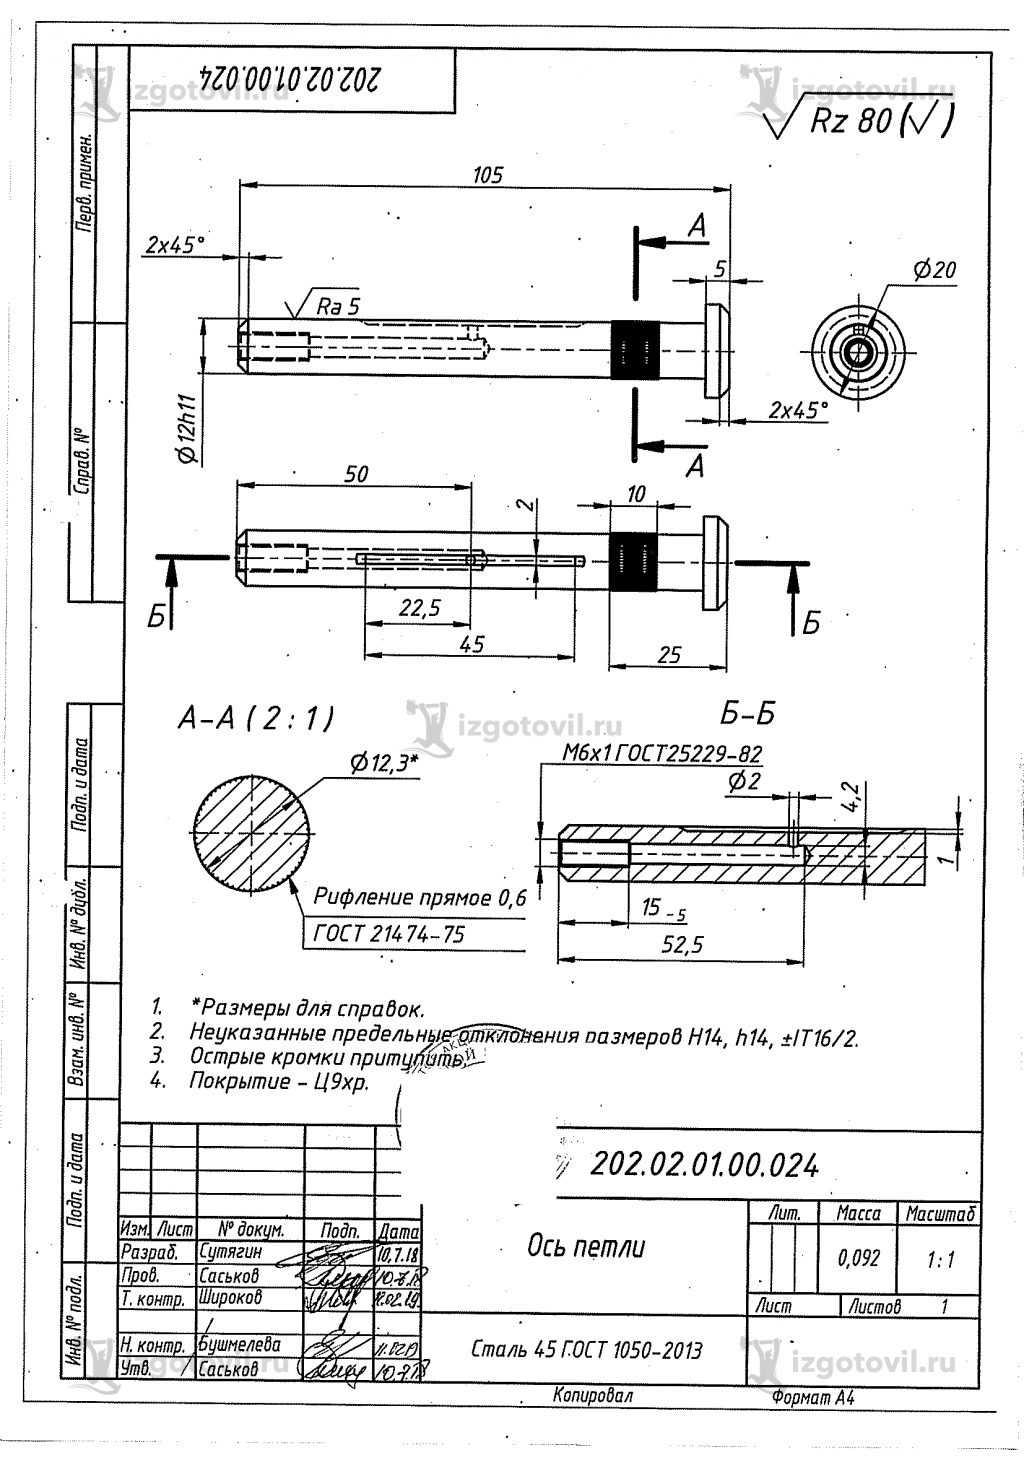 Изготовление деталей на заказ (петли для дверей экскаватора).